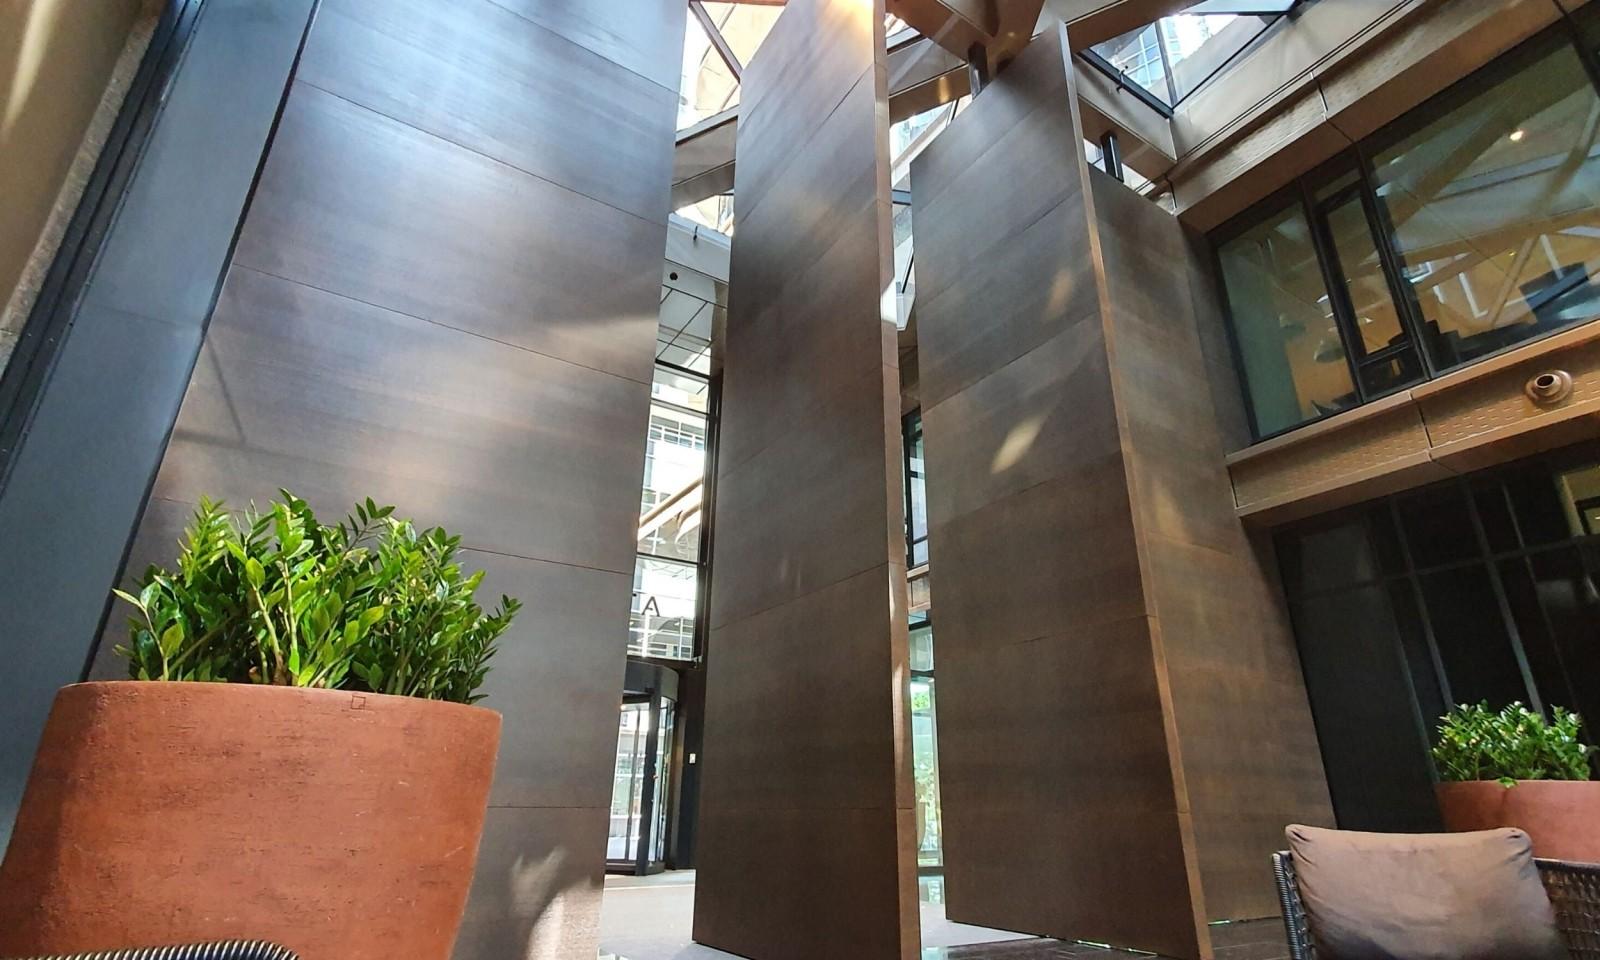 taatsdeuren Atrium Amsterdam